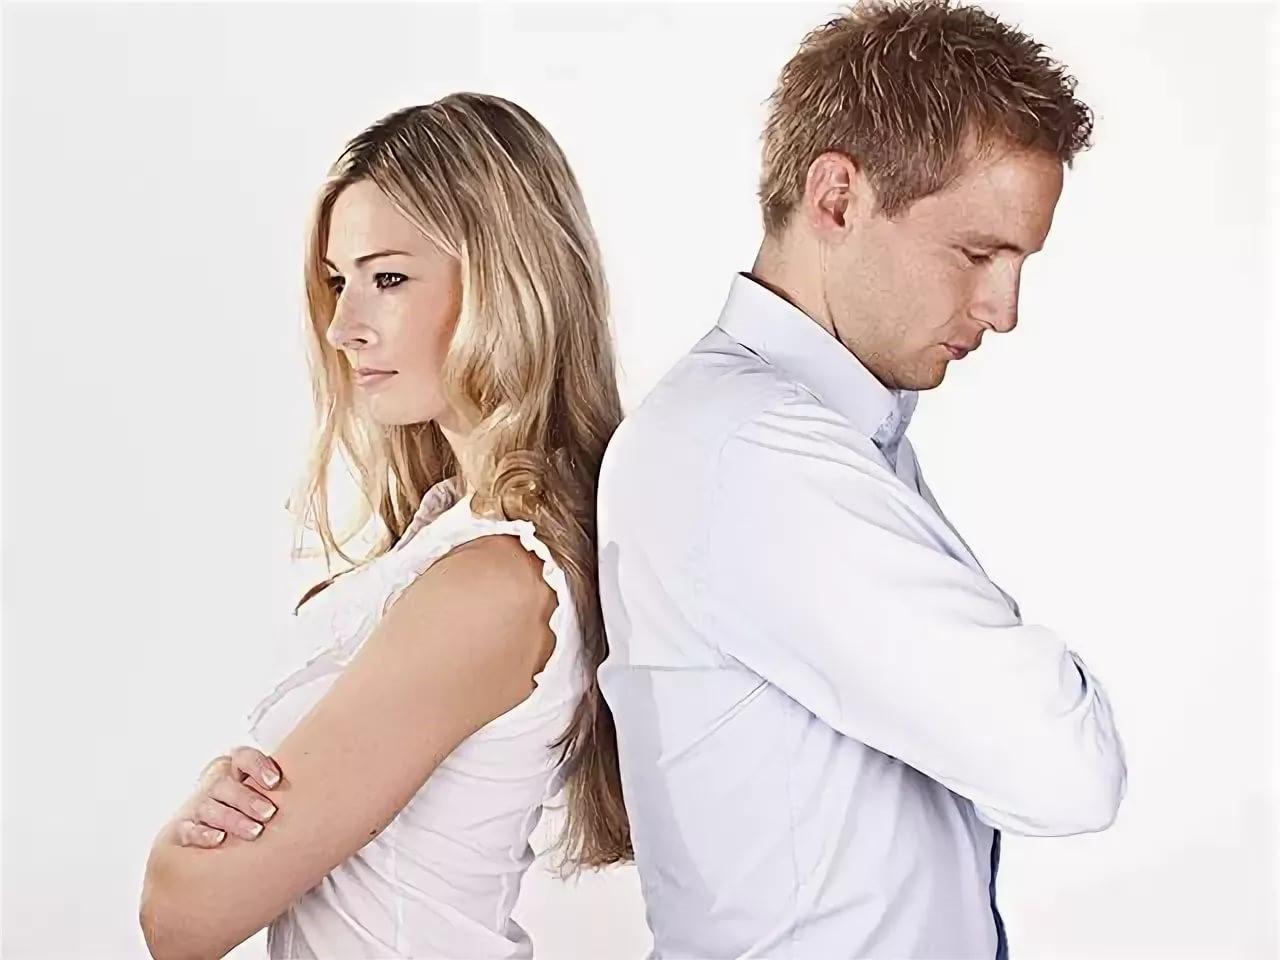 Ава в картинках о ссорах влюбленных